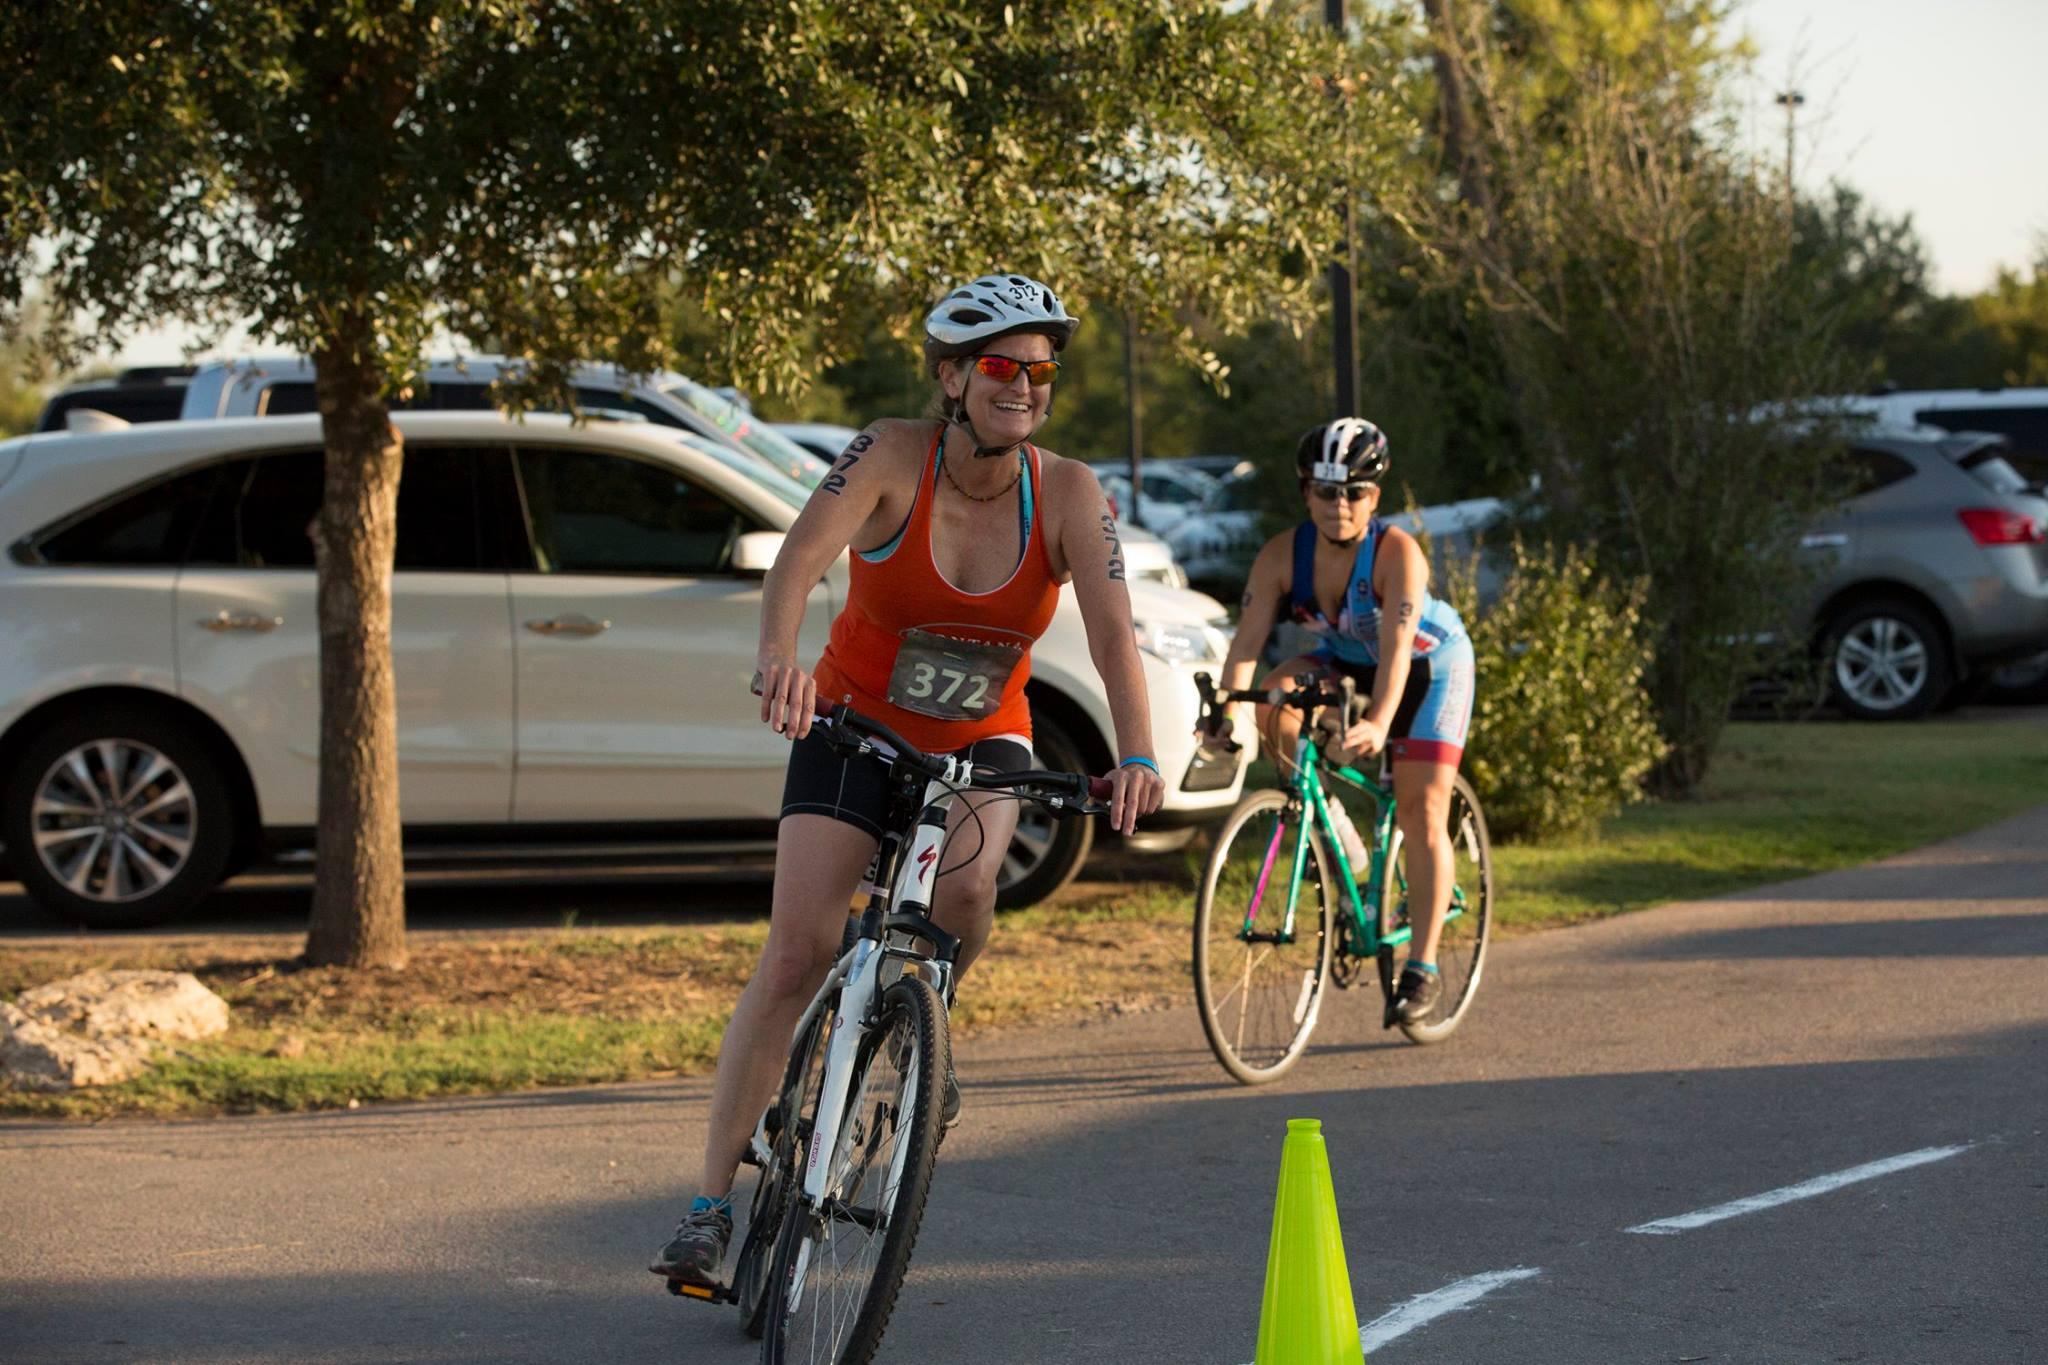 Jeannie Ralston biking in triathlon